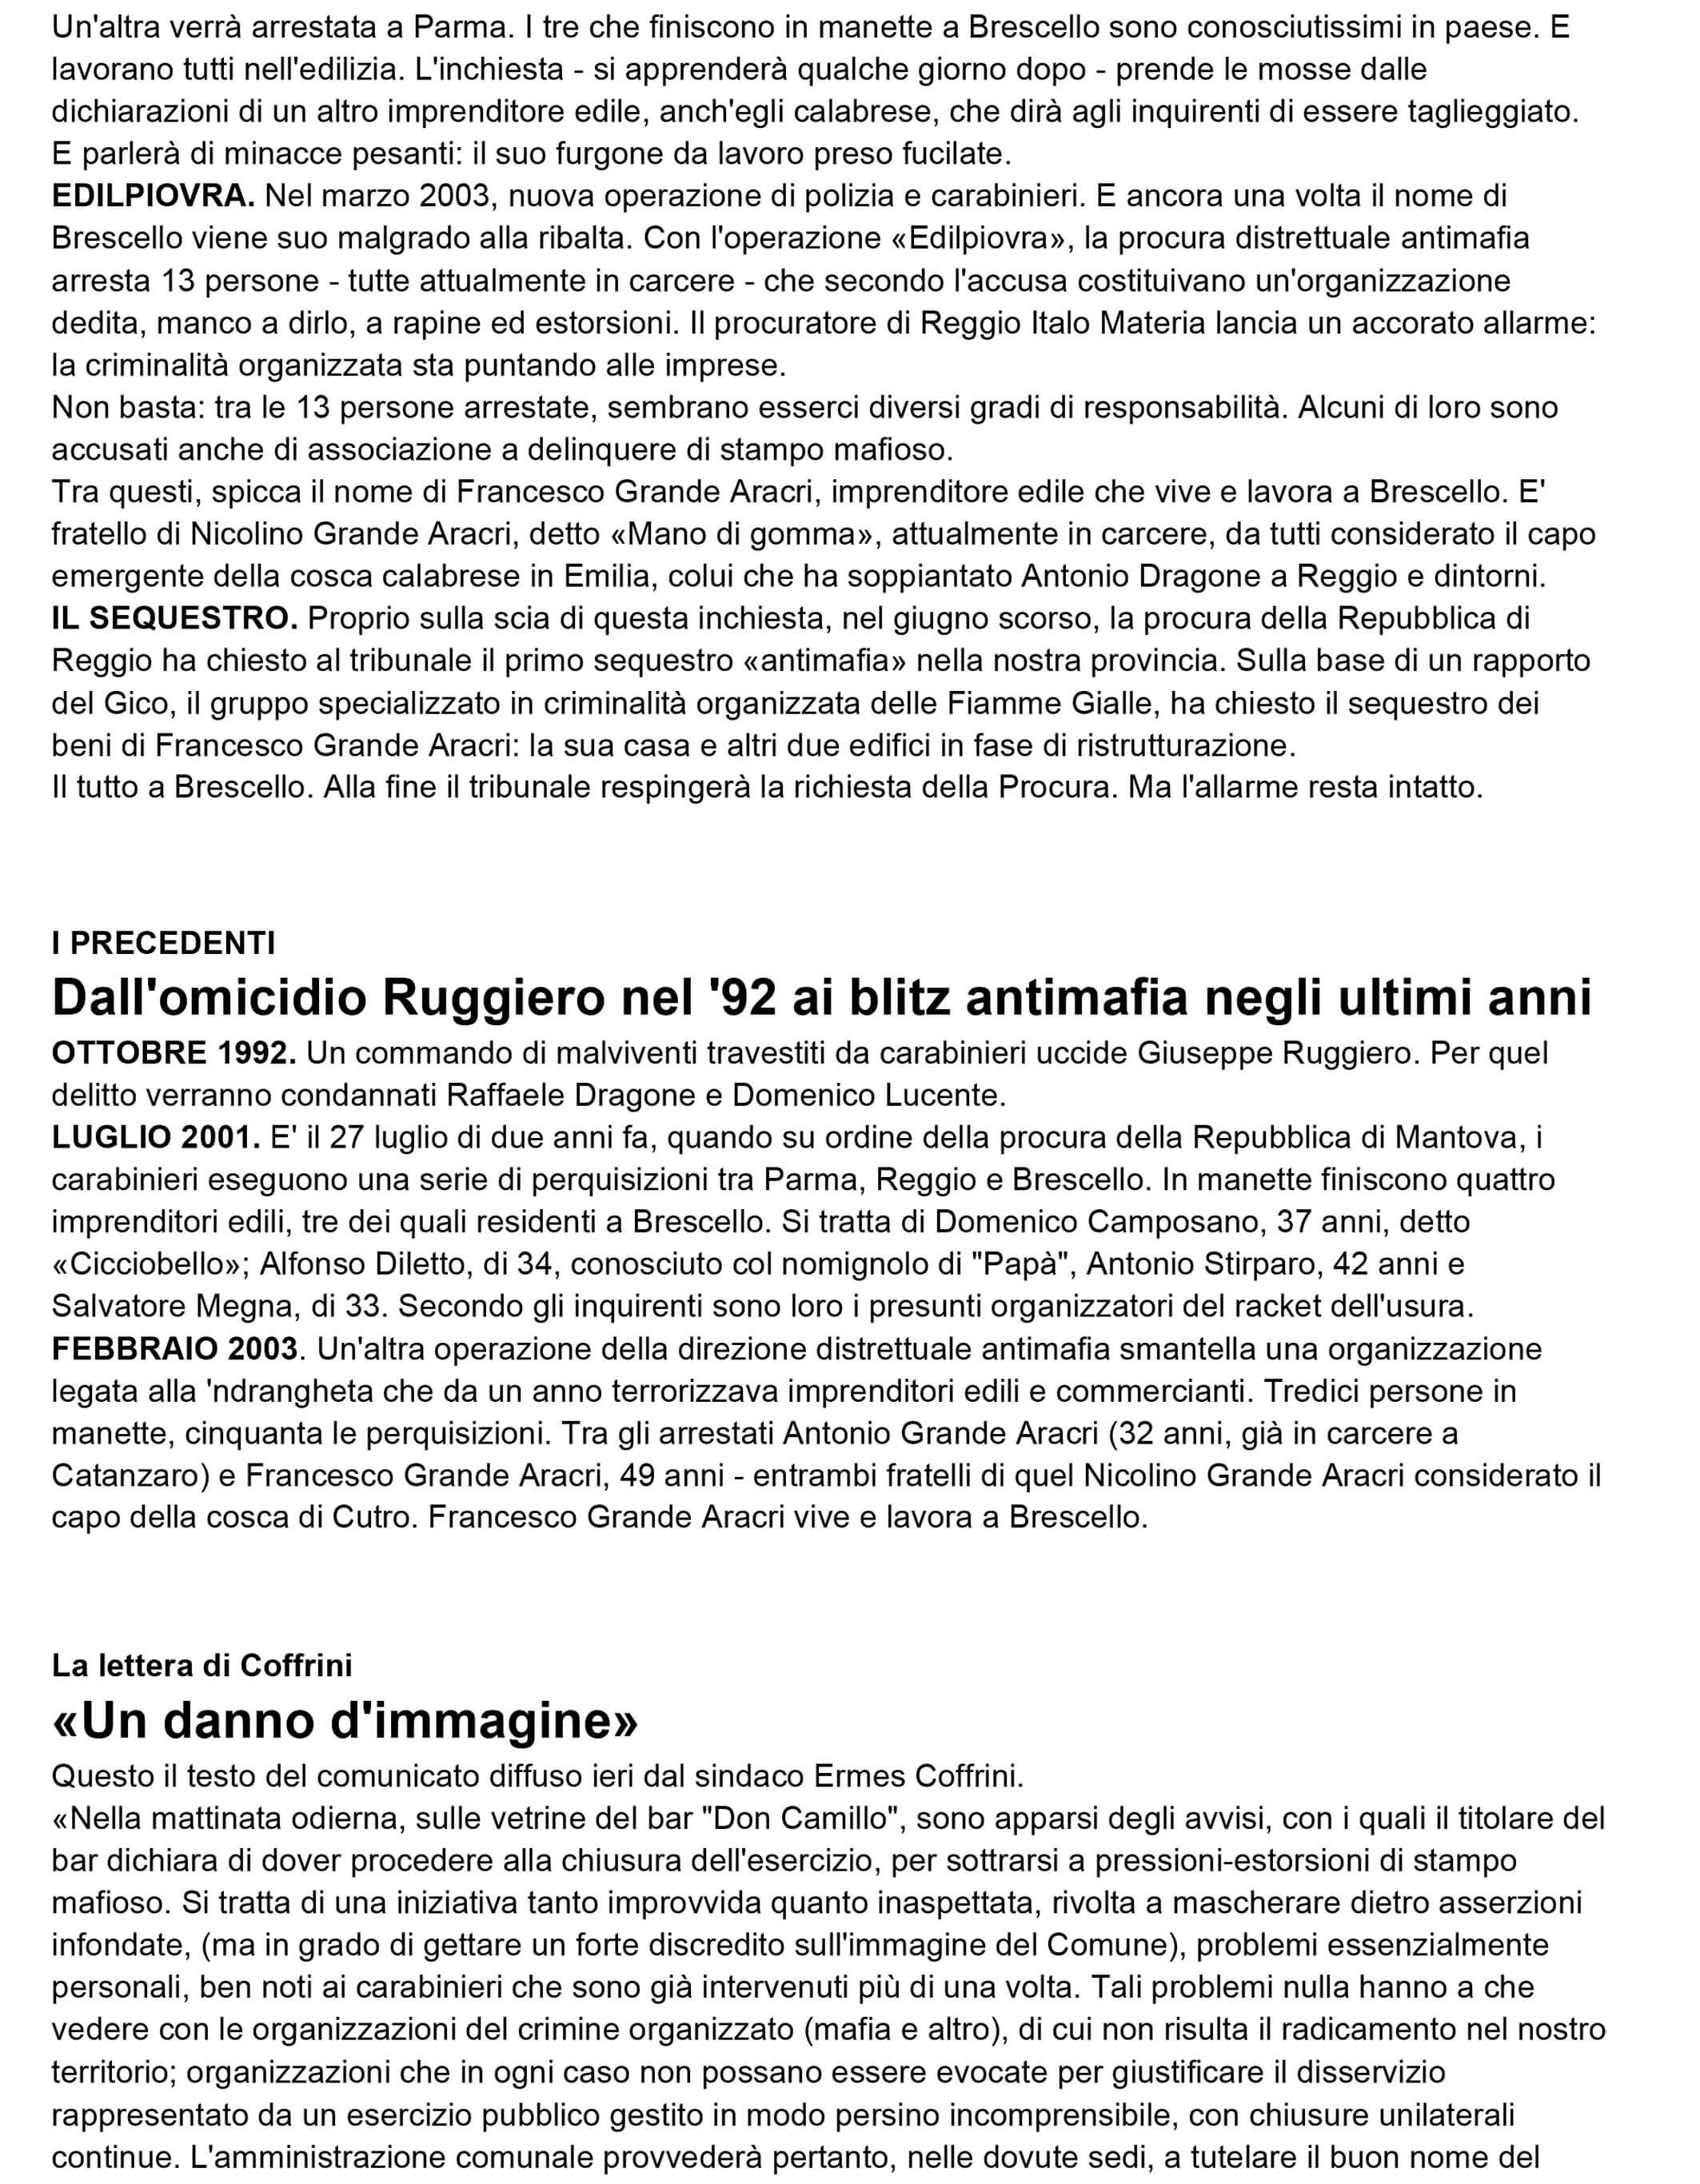 22_9_2003_chiusomafia-2